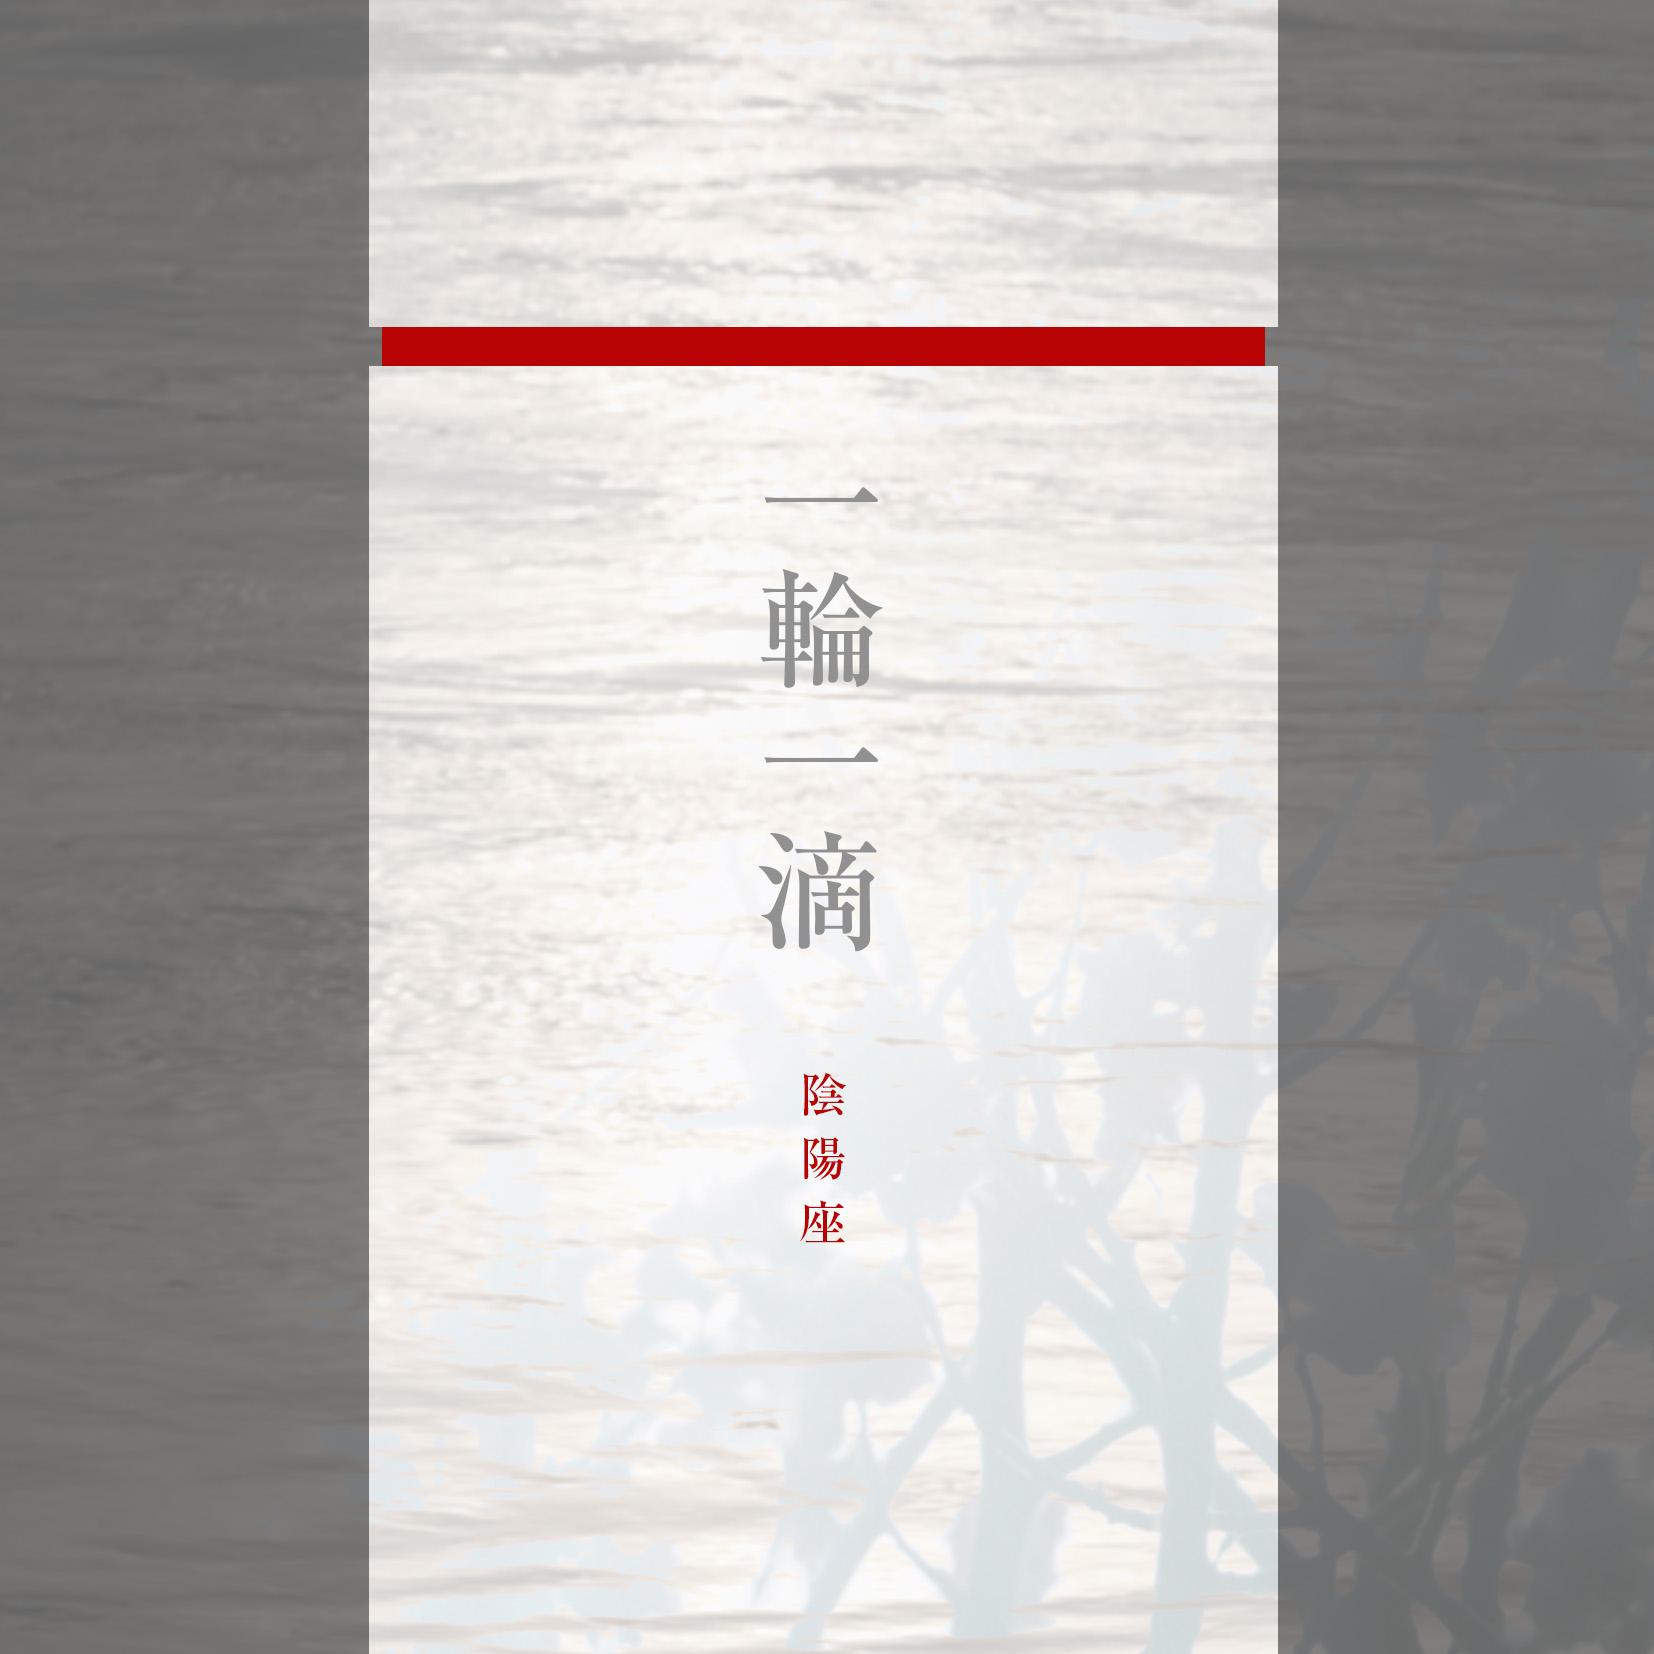 OMZDPs-17_一輪一滴_DL専用